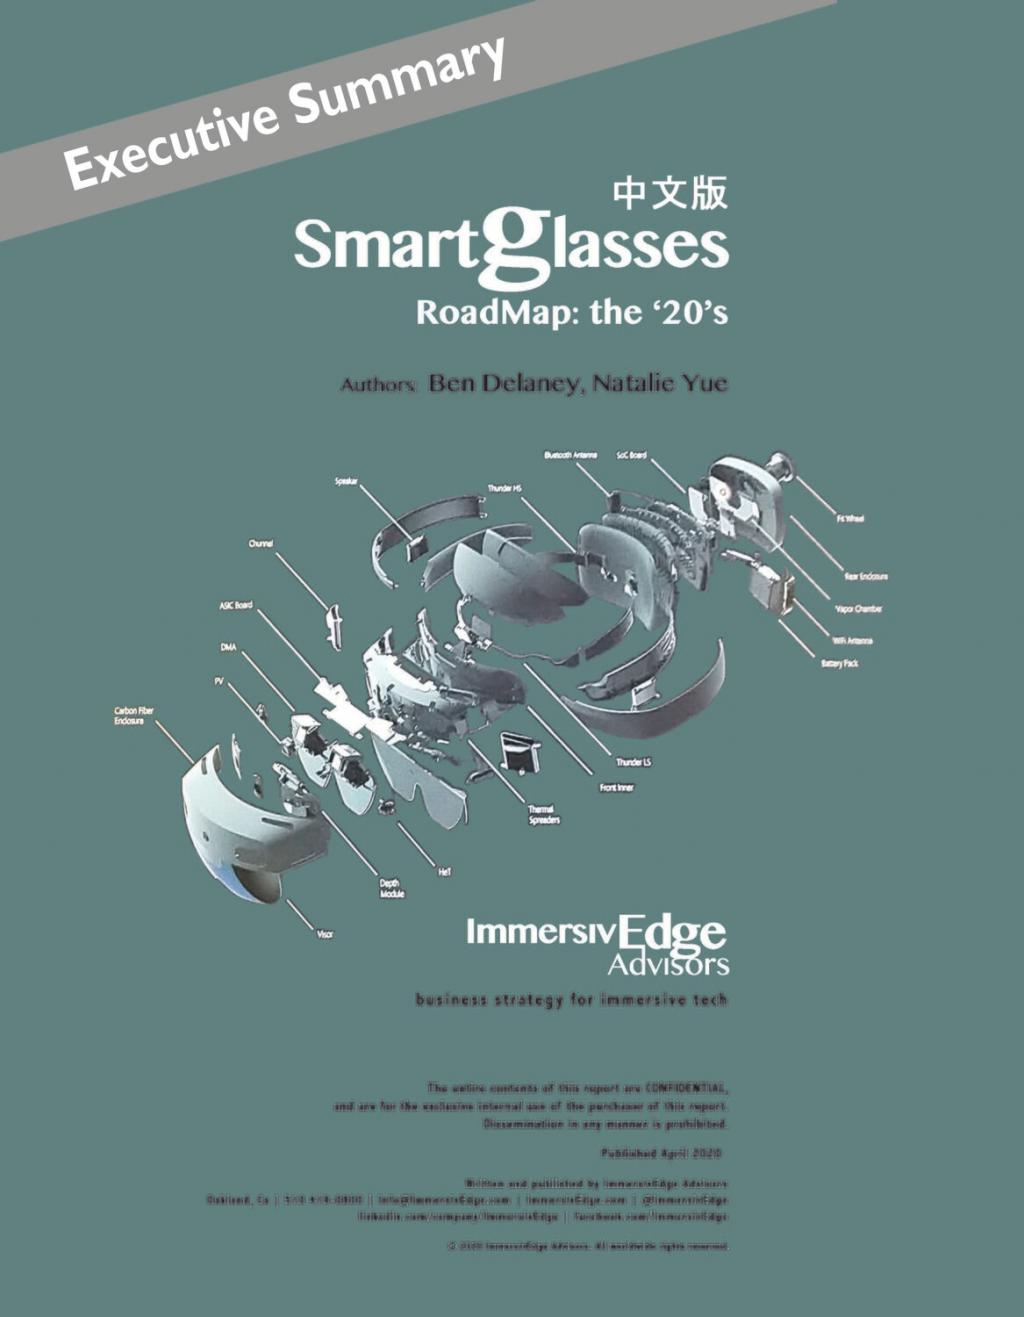 340 亿美金市场,2030 年智能眼镜将取代智能手机与智能手表